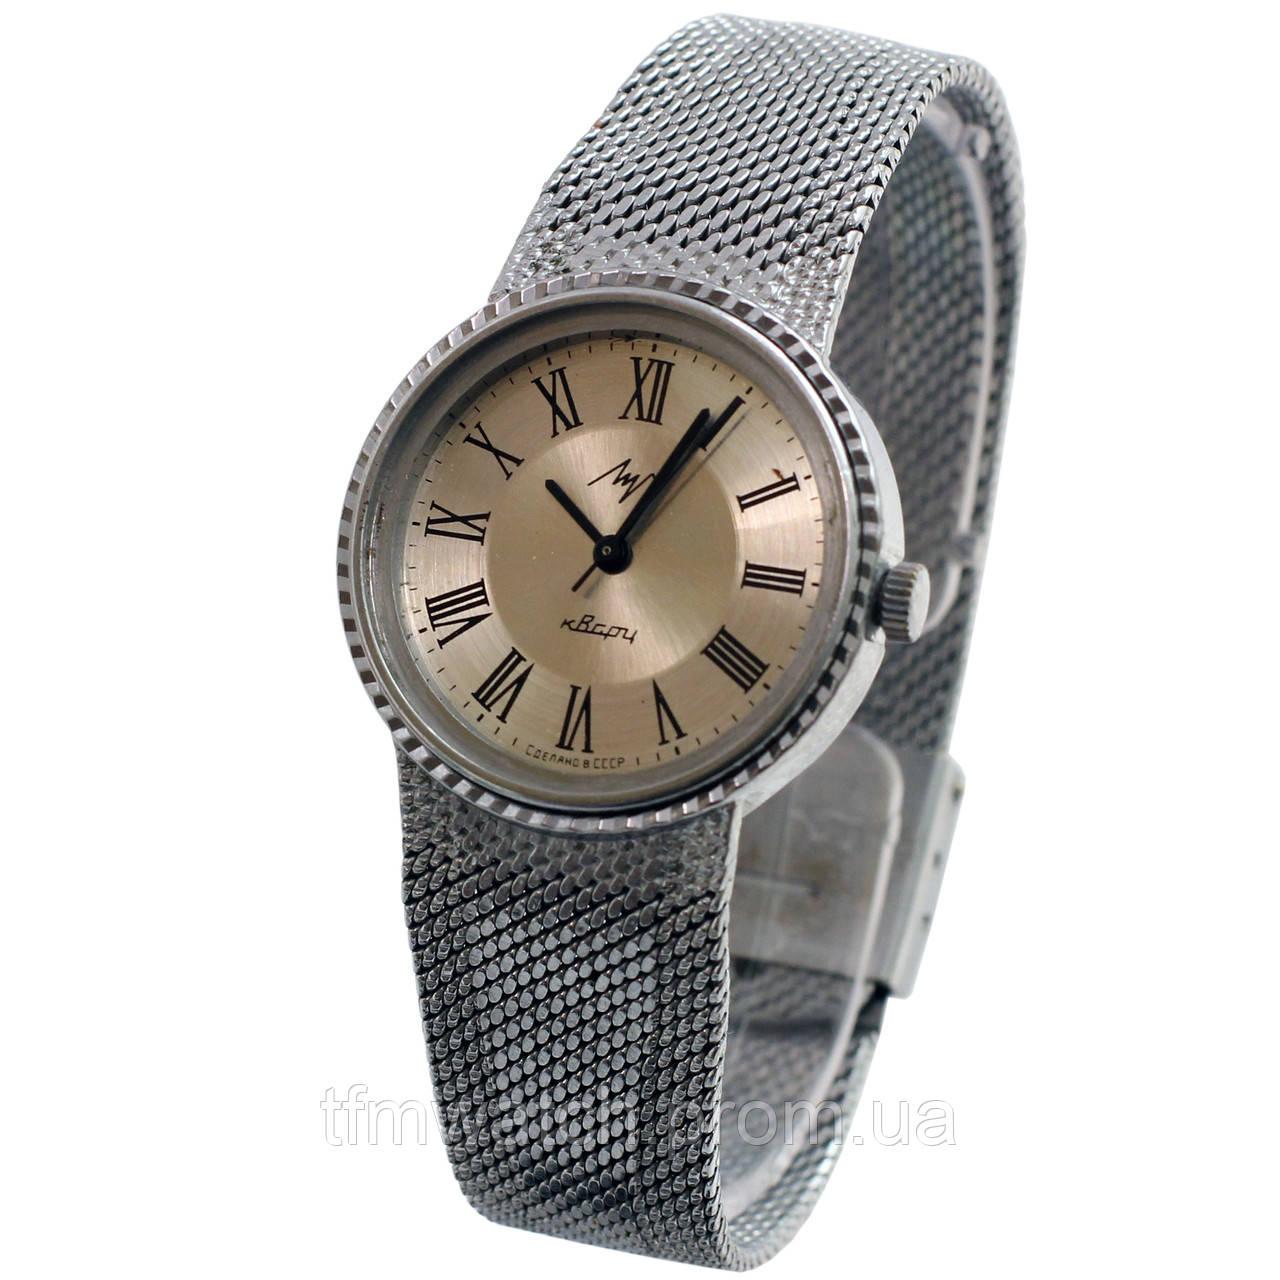 Кварцевые часы Луч СССР -  Магазин старинных, винтажных и антикварных часов TFMwatch в России